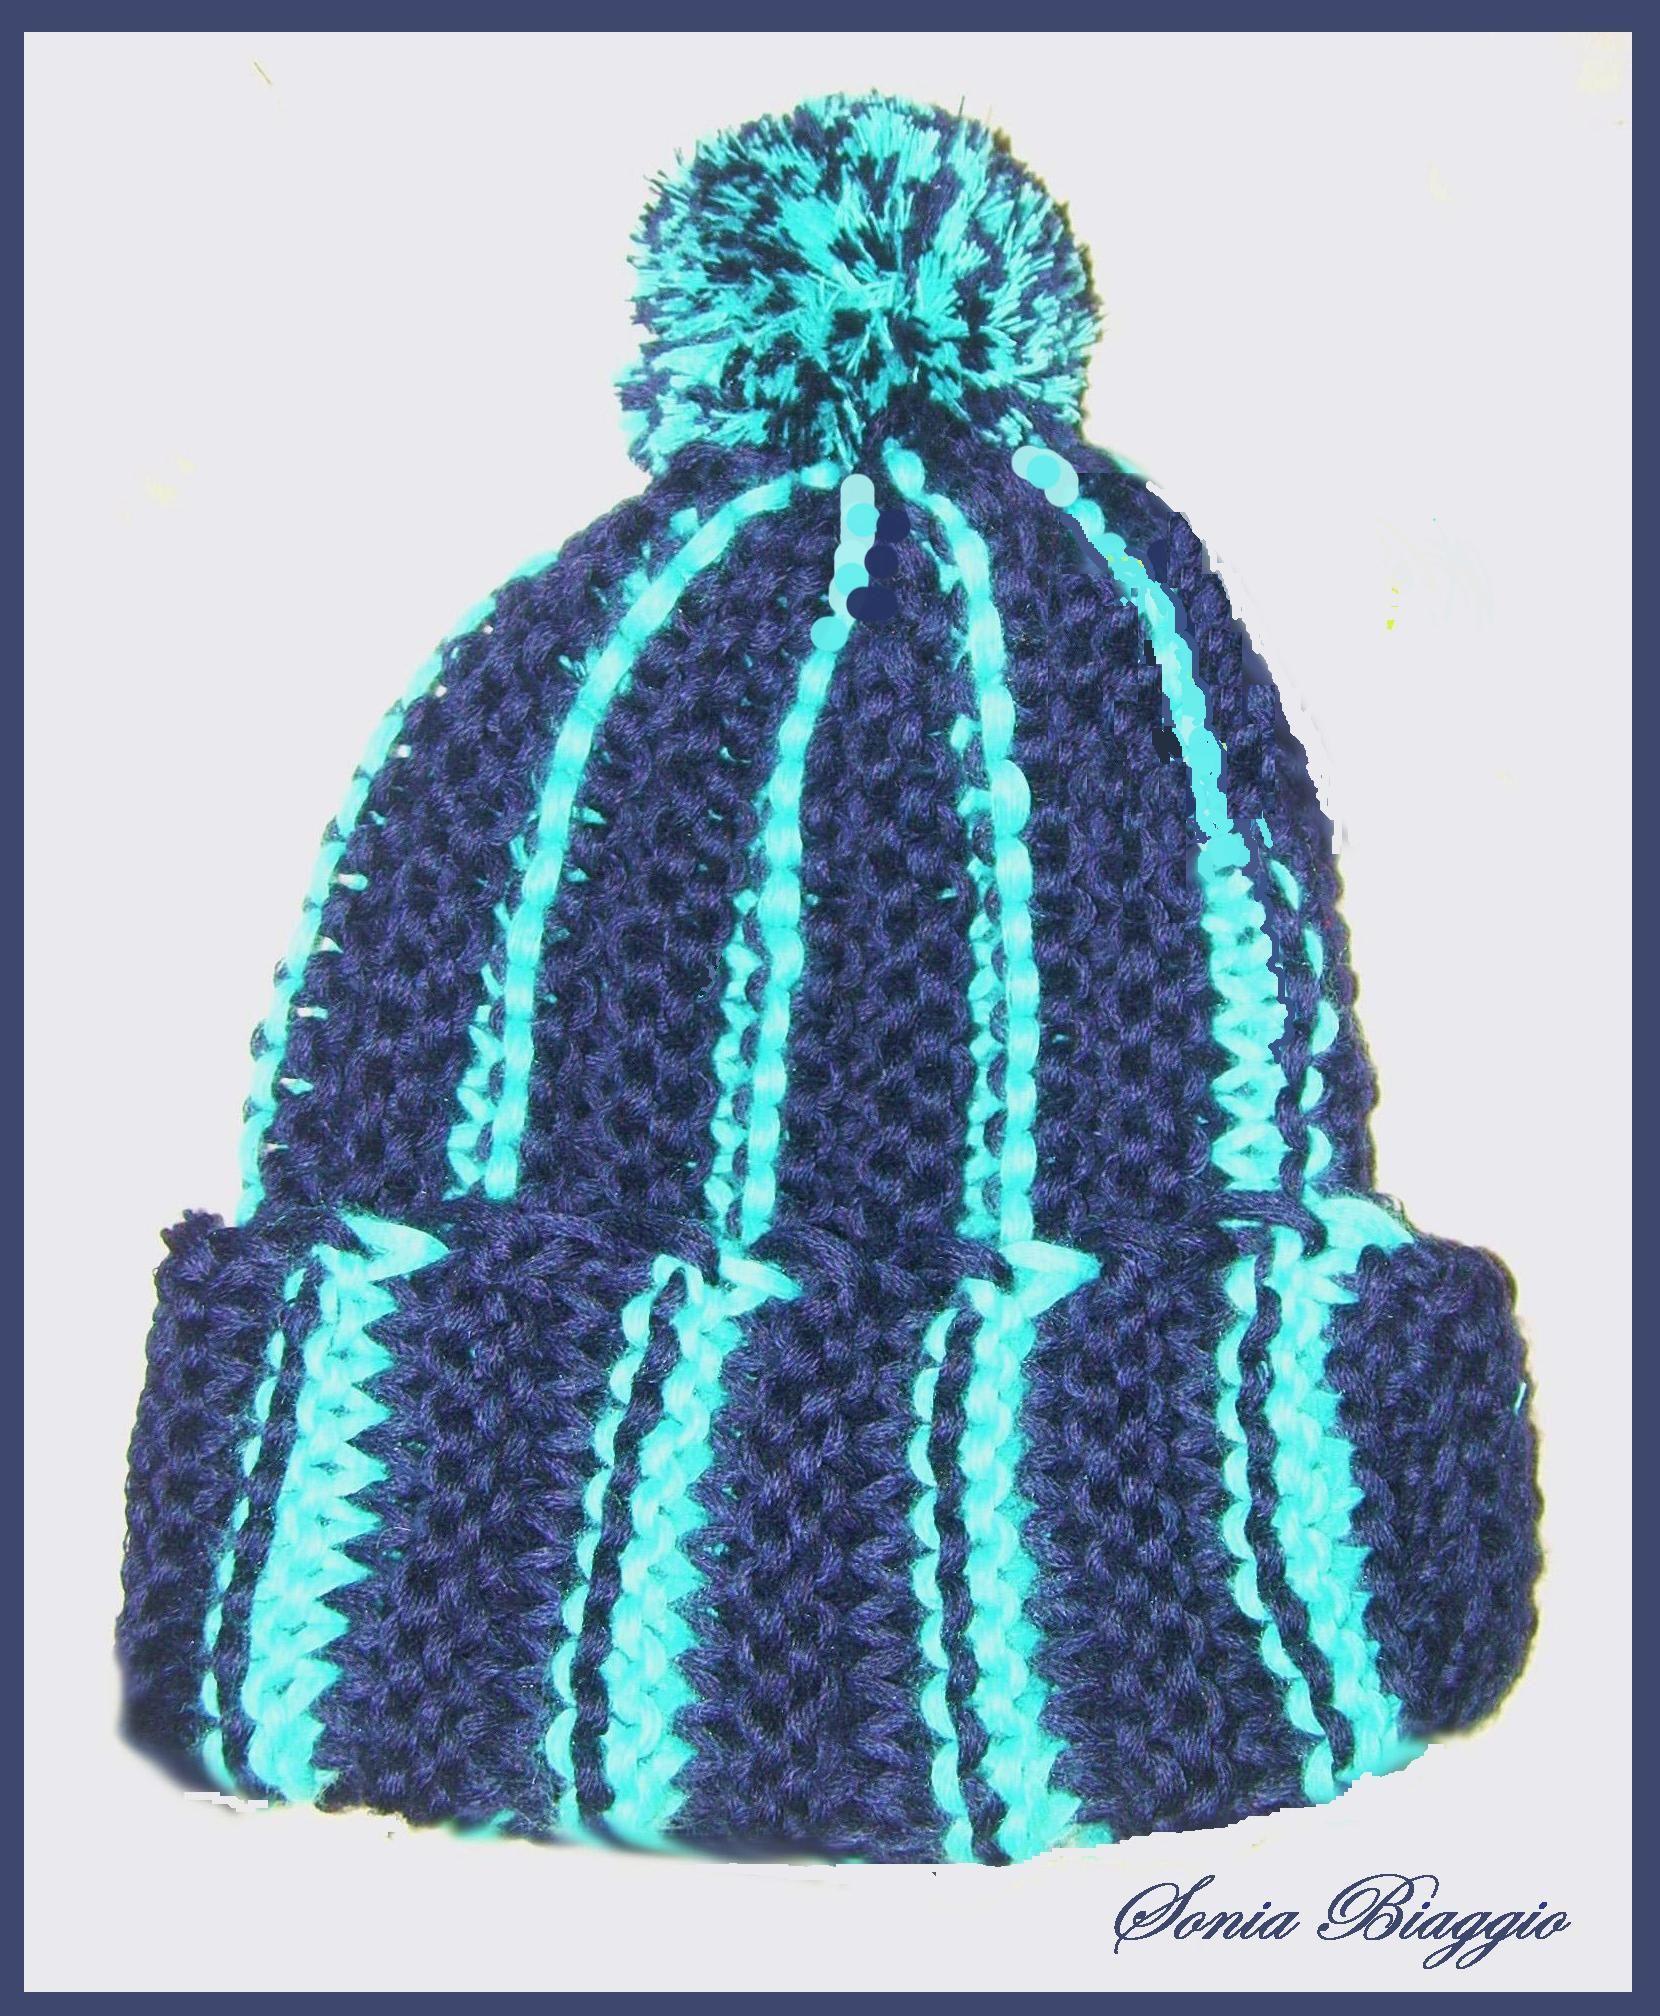 cappello in lana   Cappelli